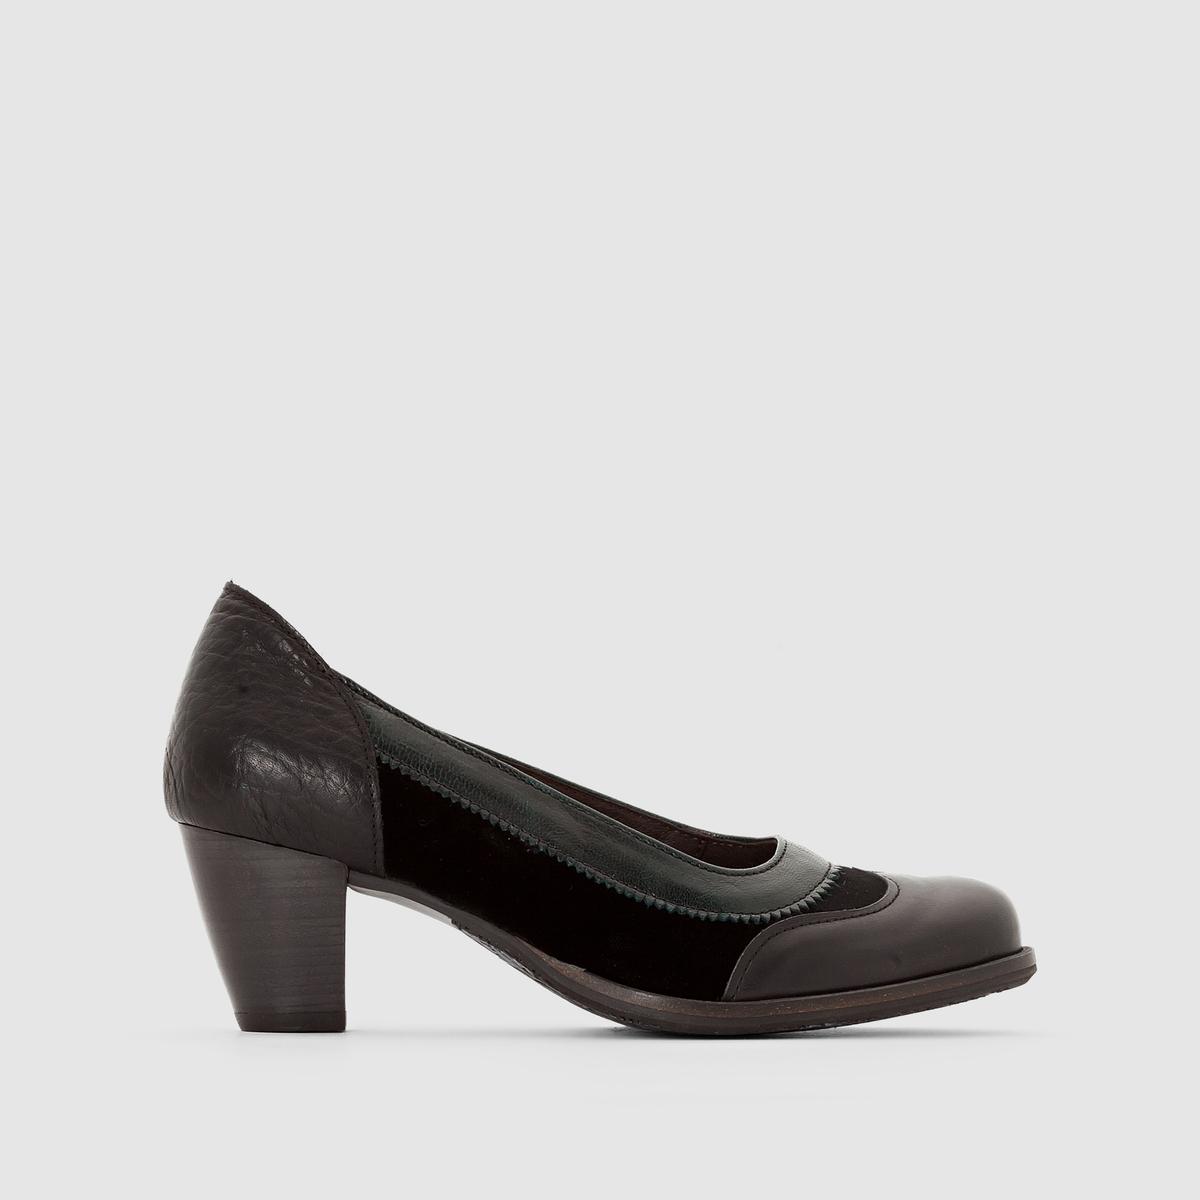 Туфли кожаные ValdisПодкладка: Кожа     Стелька:  Кожа     Подошва: каучук.     Высота каблука: Средний каблук 4-6 см     Застежка: Без застежки<br><br>Цвет: черный/ синий